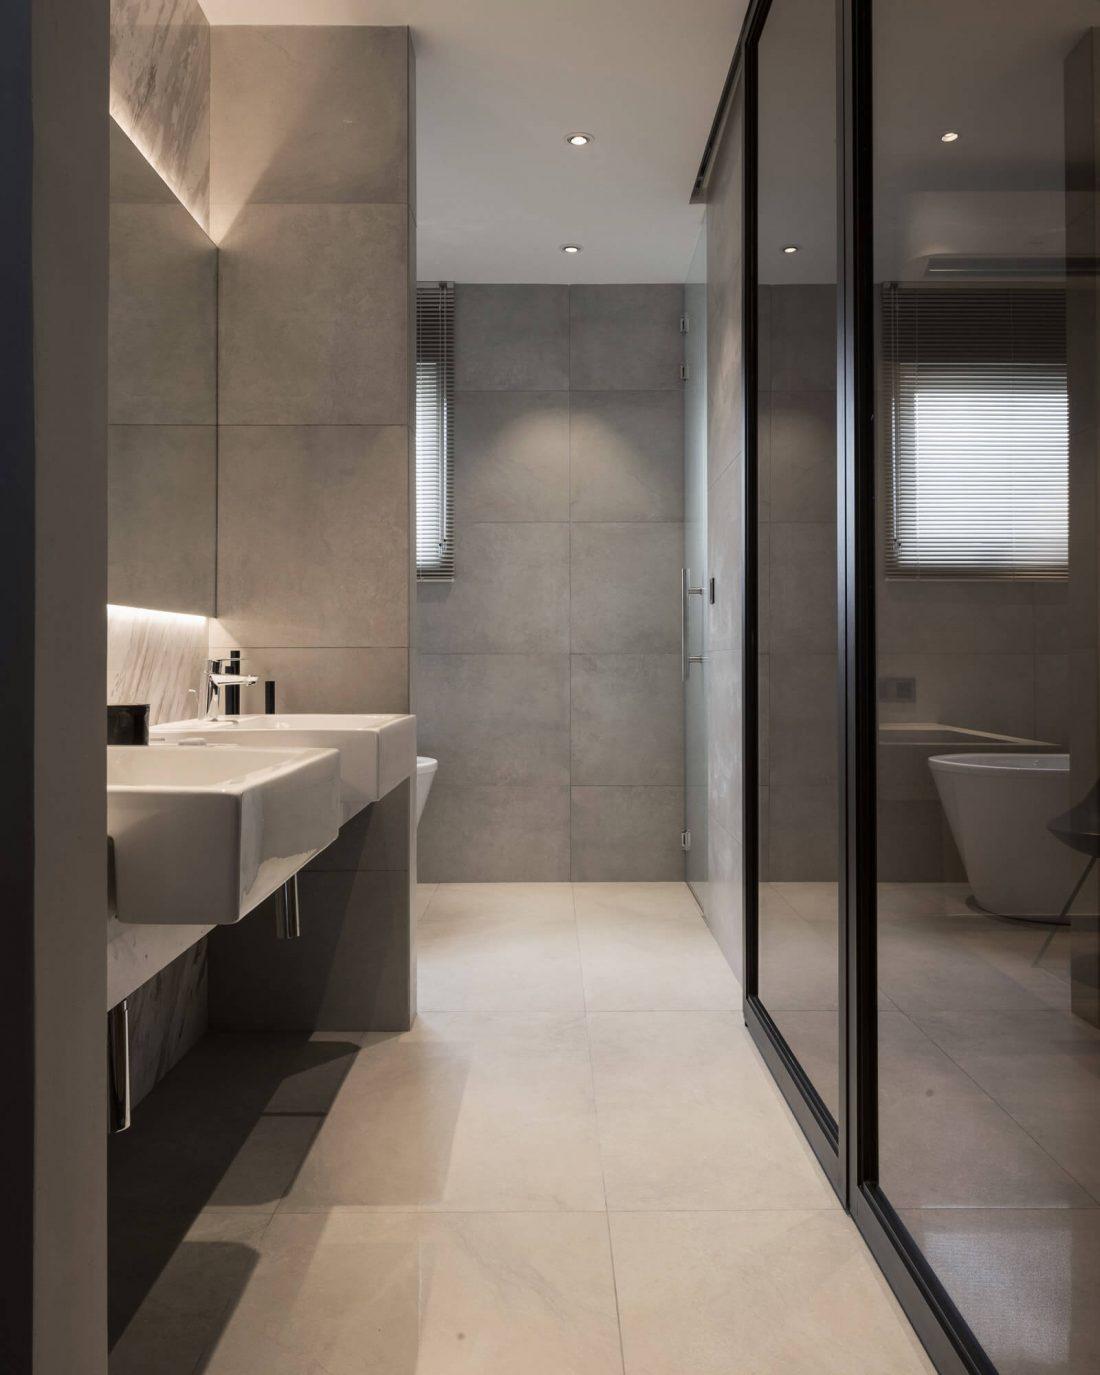 Interior-Design-Permai-Gardens-Villas-Penang-Malaysia-Master-Bathroom-Design-v2